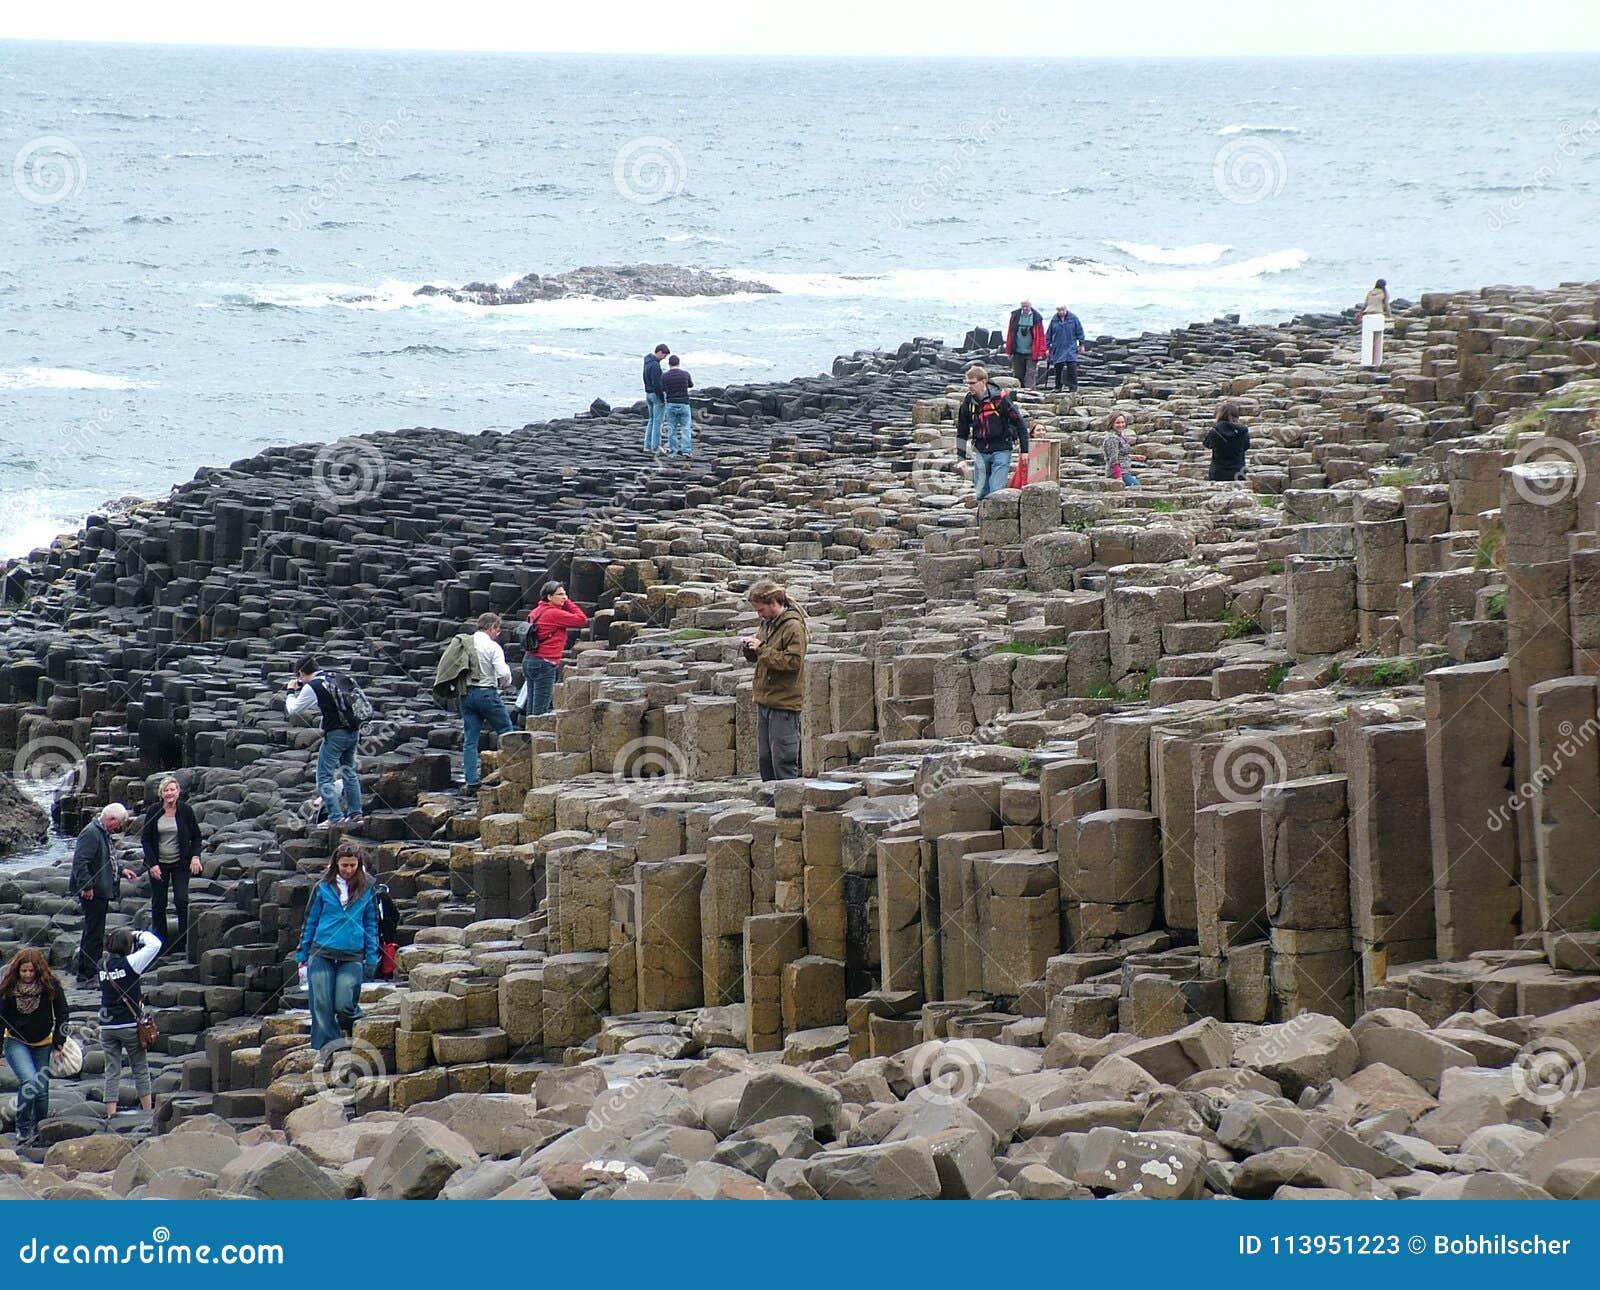 Los turistas exploran las formaciones de roca inusuales en el terraplén gigante del ` s